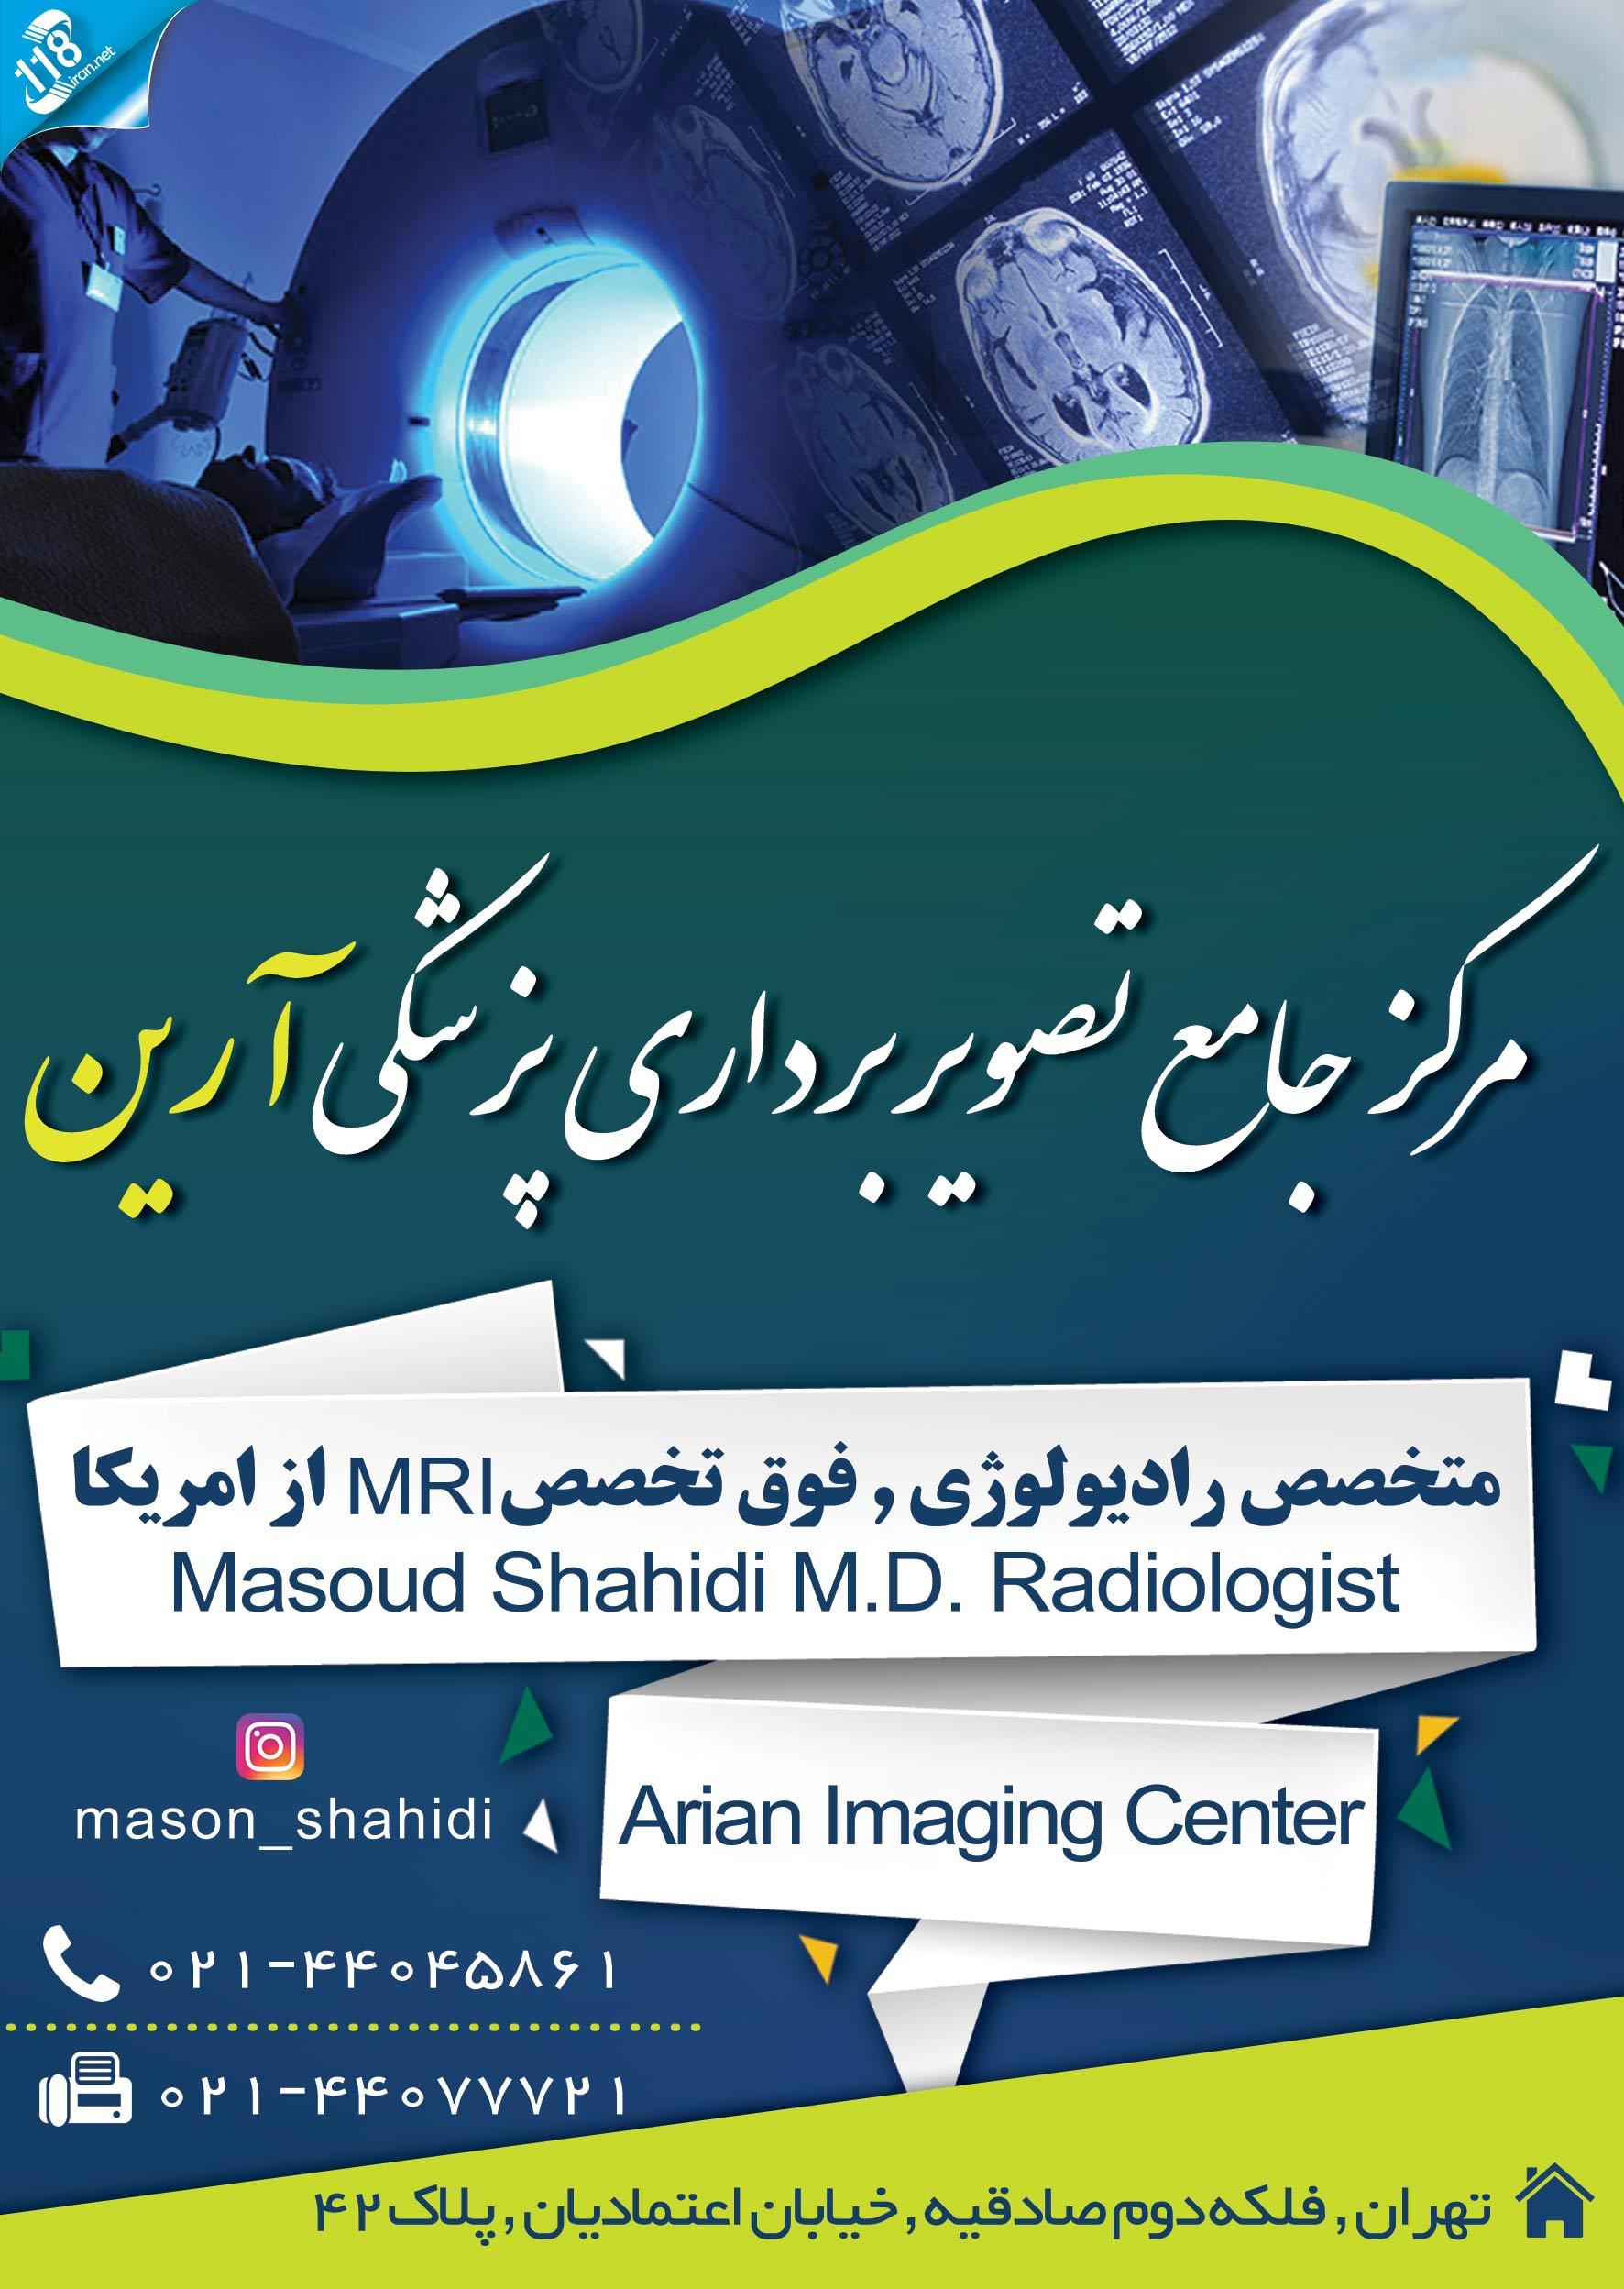 دکتر مسعود شهیدی